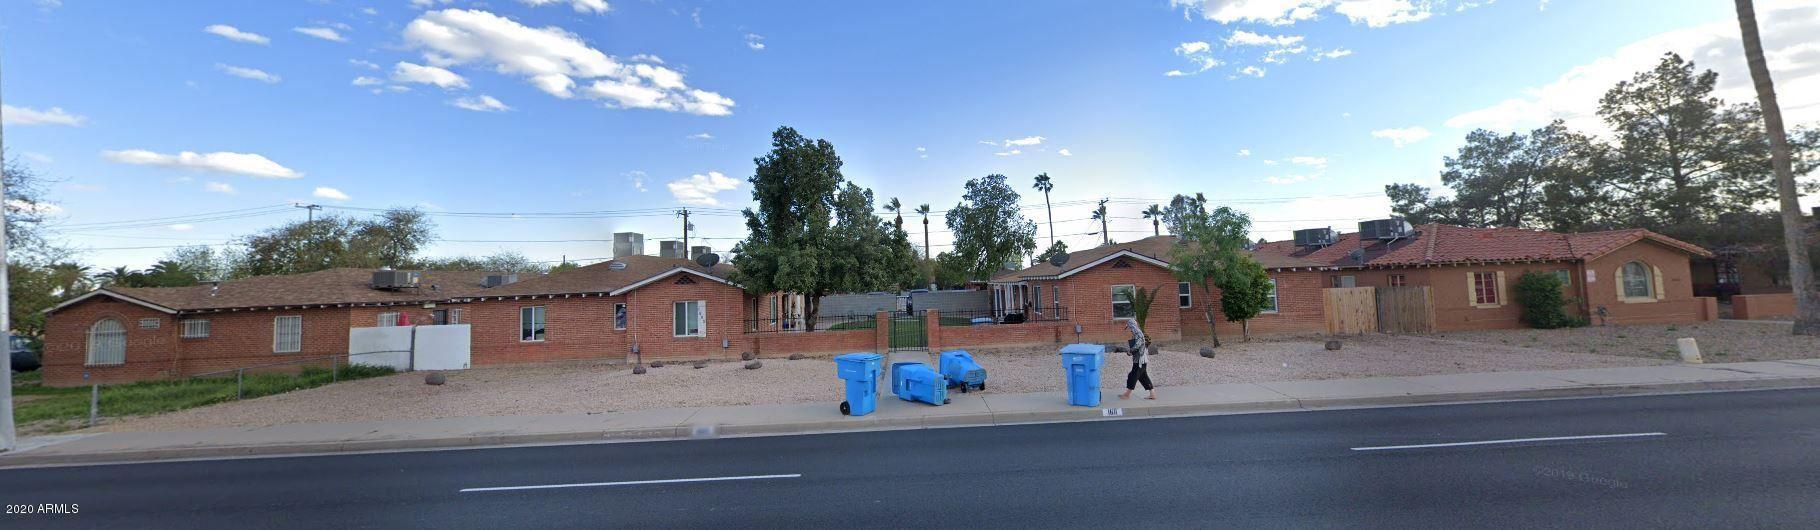 1605 W OSBORN Road, Phoenix, AZ 85015 - MLS#: 6049561